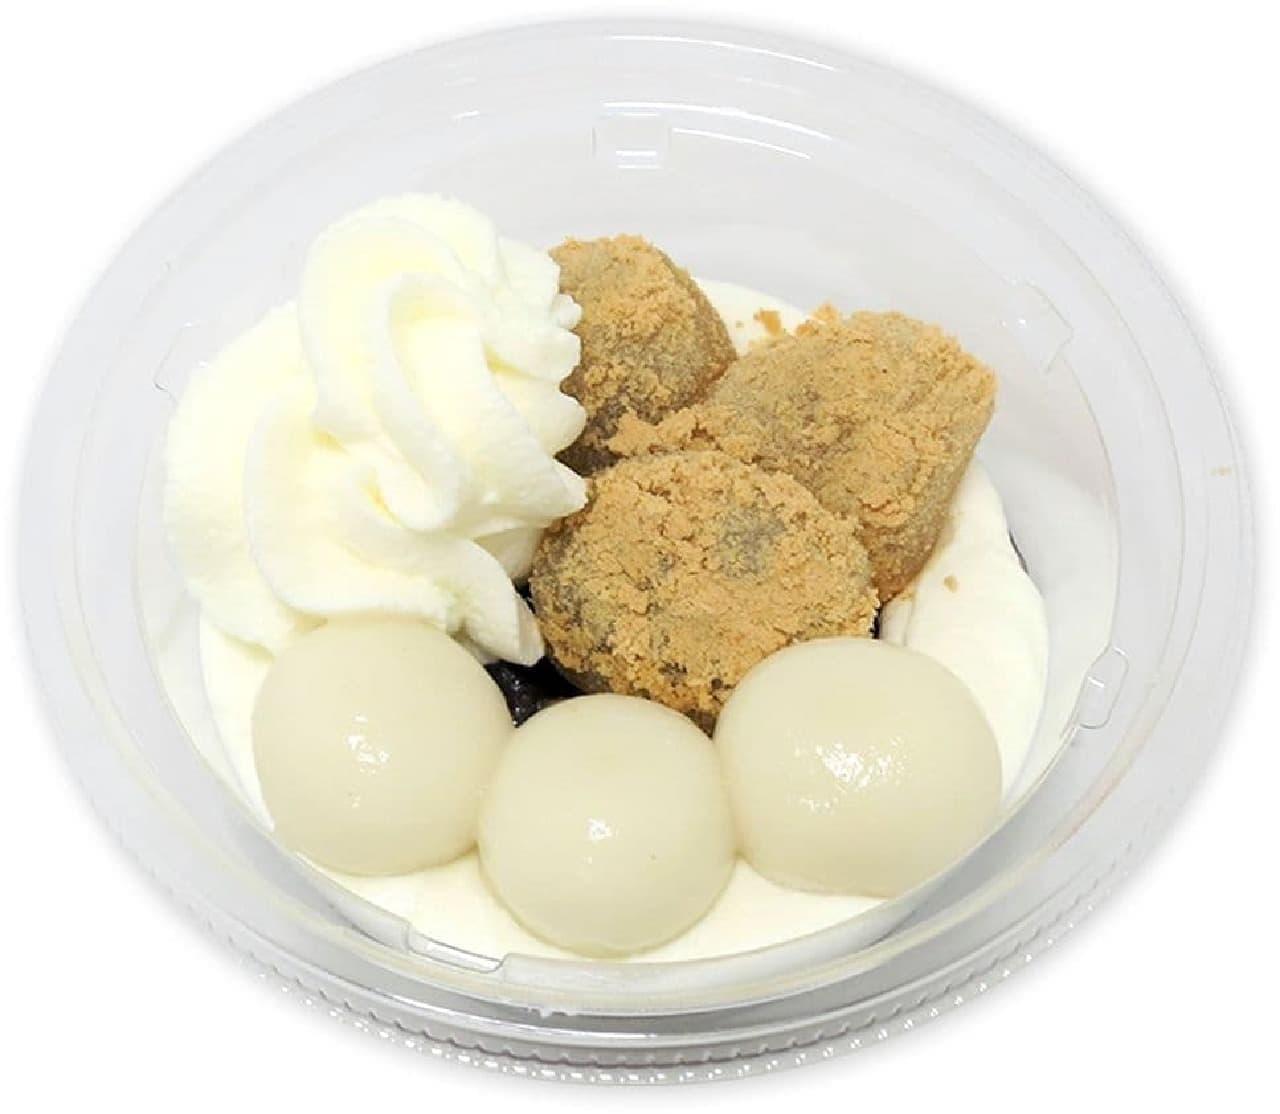 セブン-イレブン「わらび餅と白玉のクリームぜんざい」